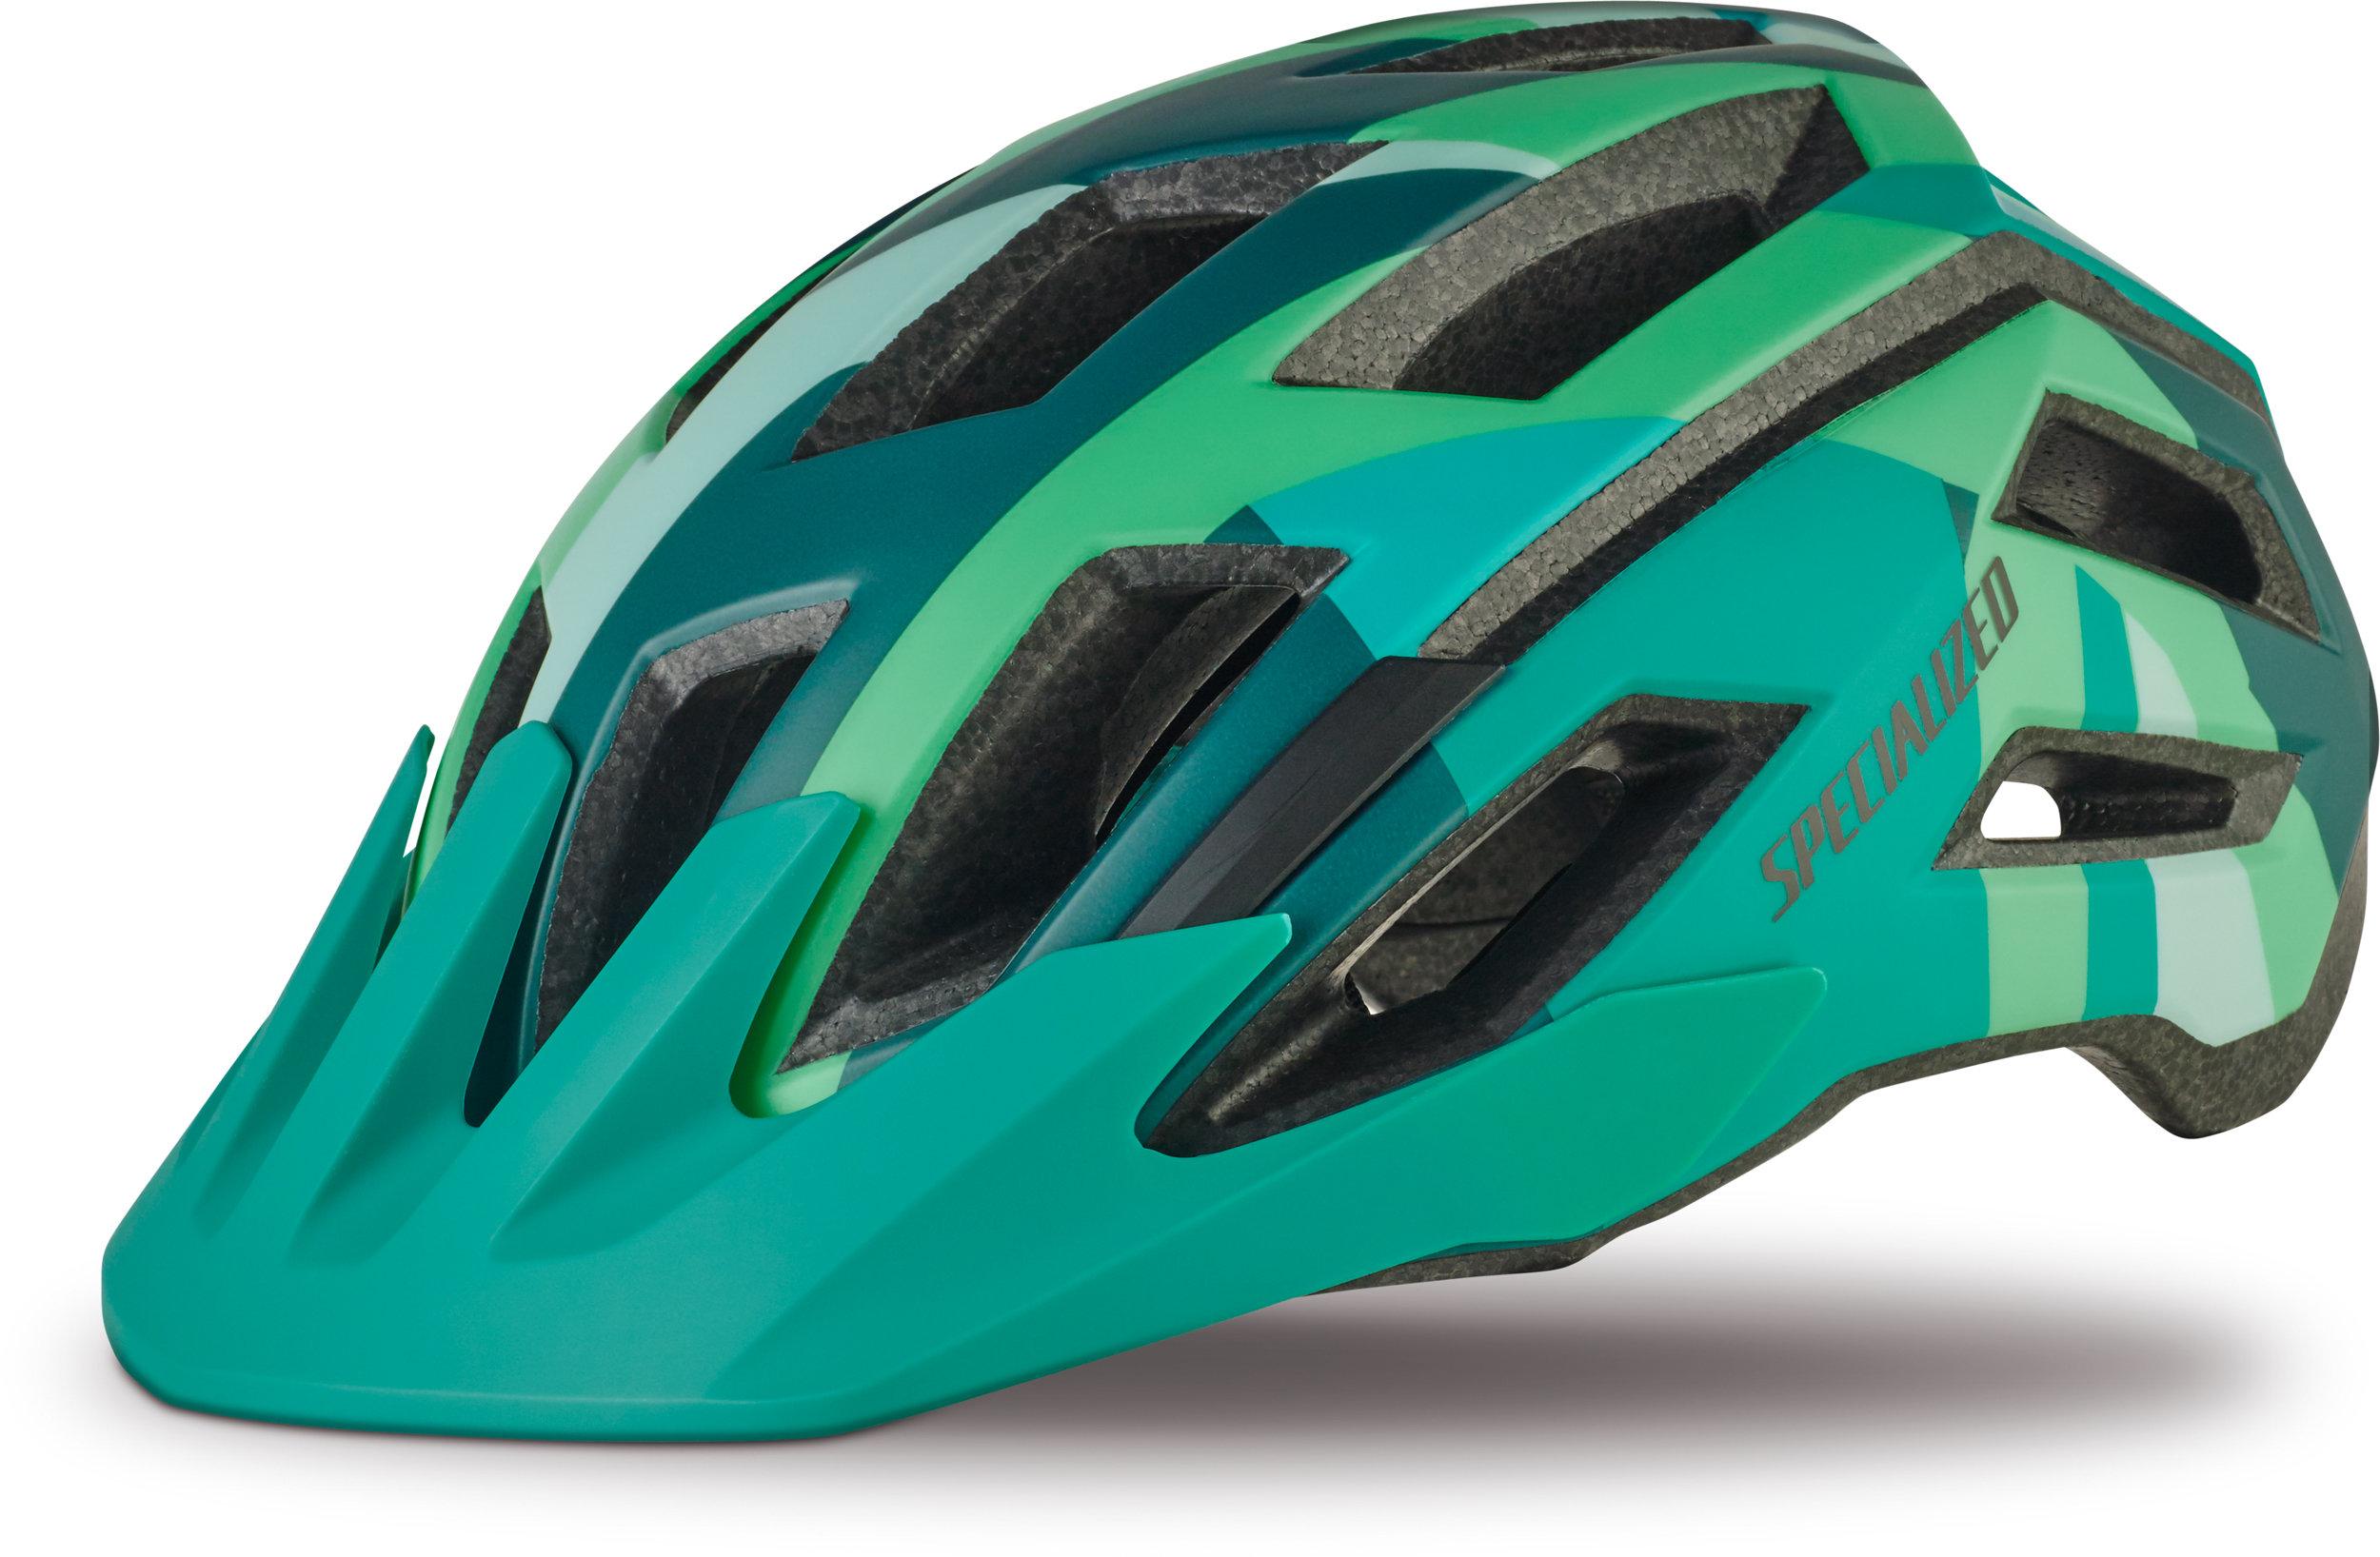 Specialized Tactic 3 Matte Mint Fractal M - Alpha Bikes